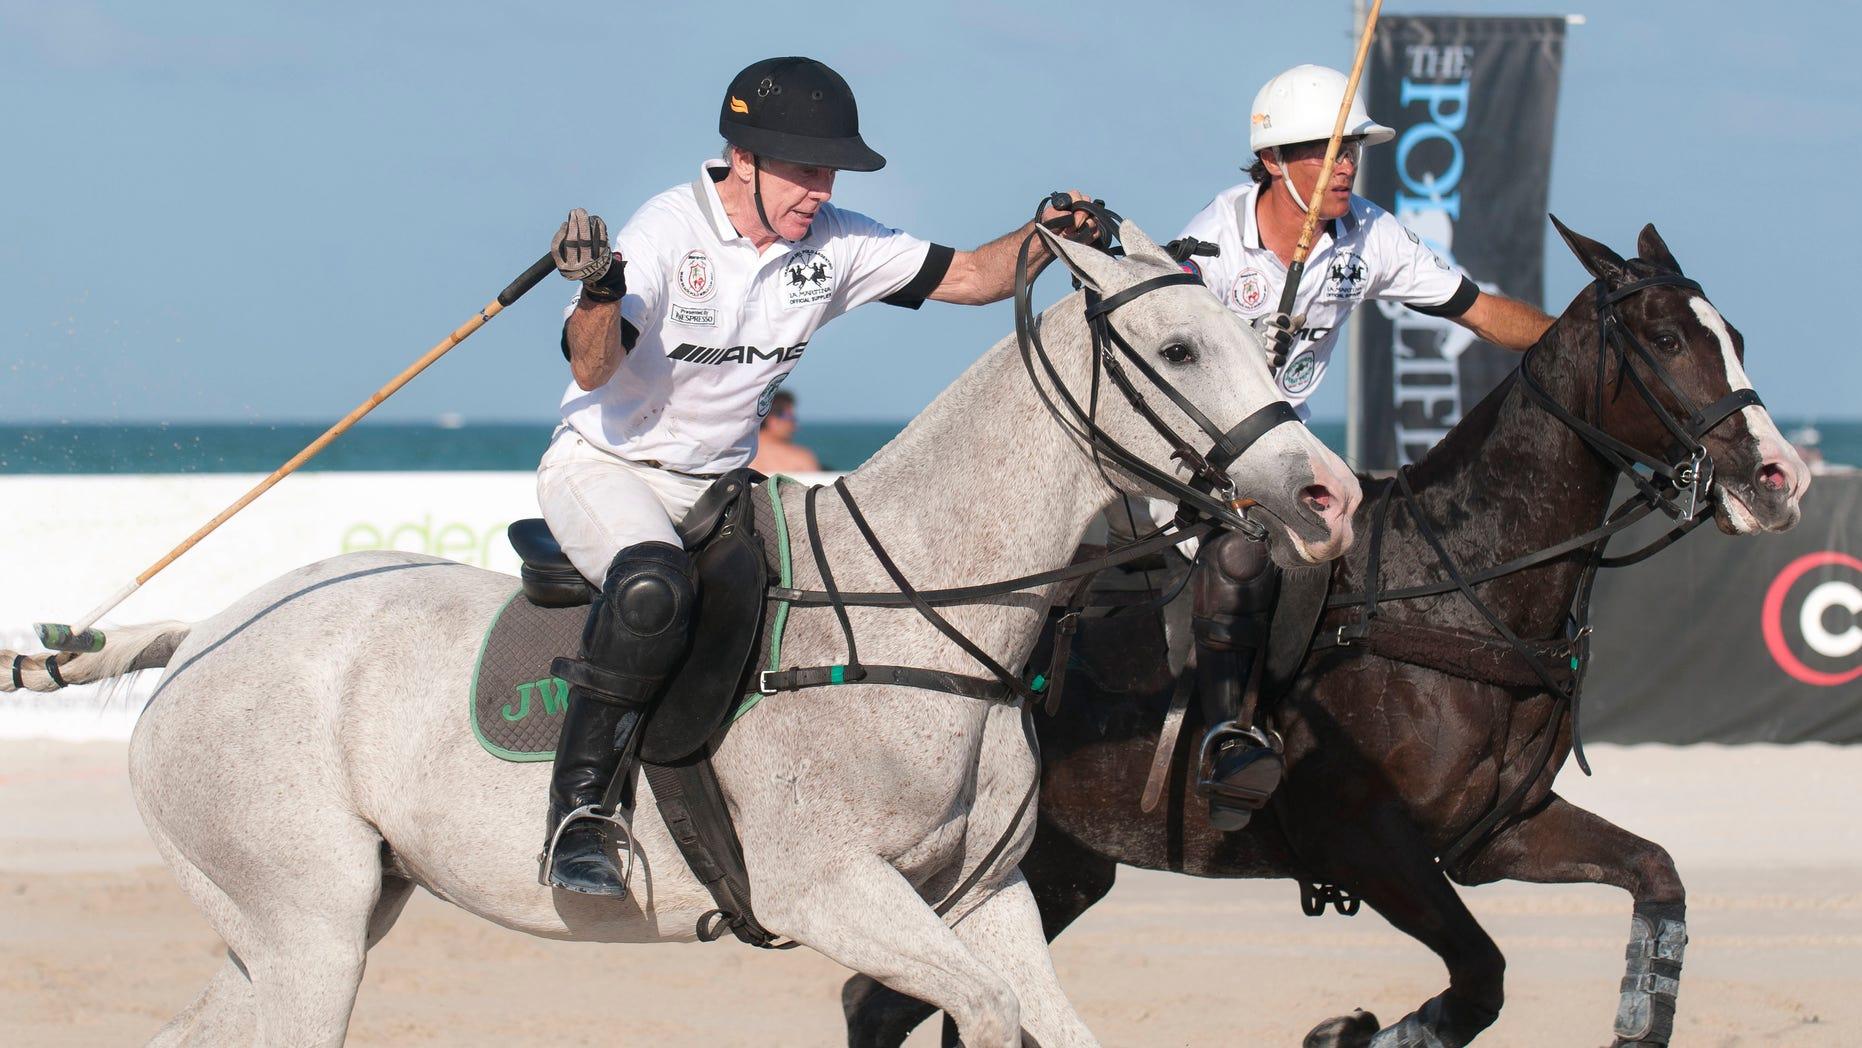 Polo-5922.JPGAMG Miami Beach Polo World Cup action on Miami Beach April 22th, 2011.